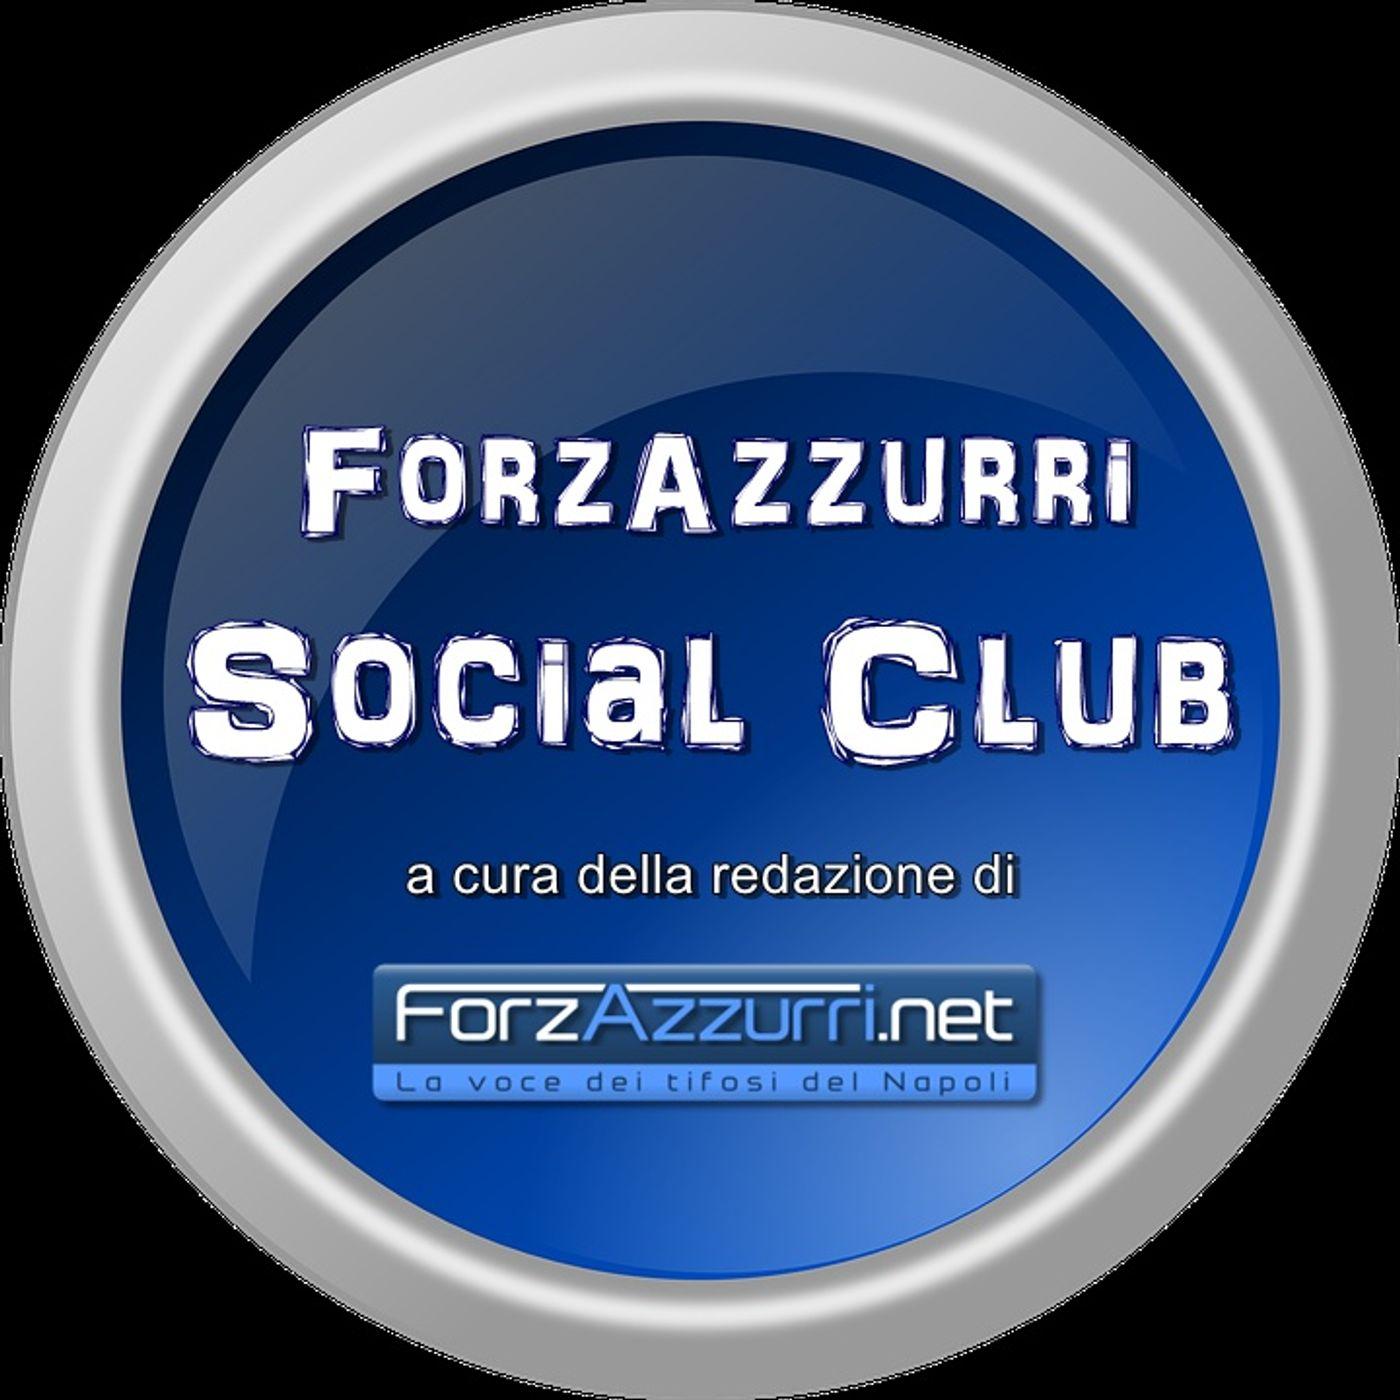 ForzAzzurri Social Club 28.04.2019